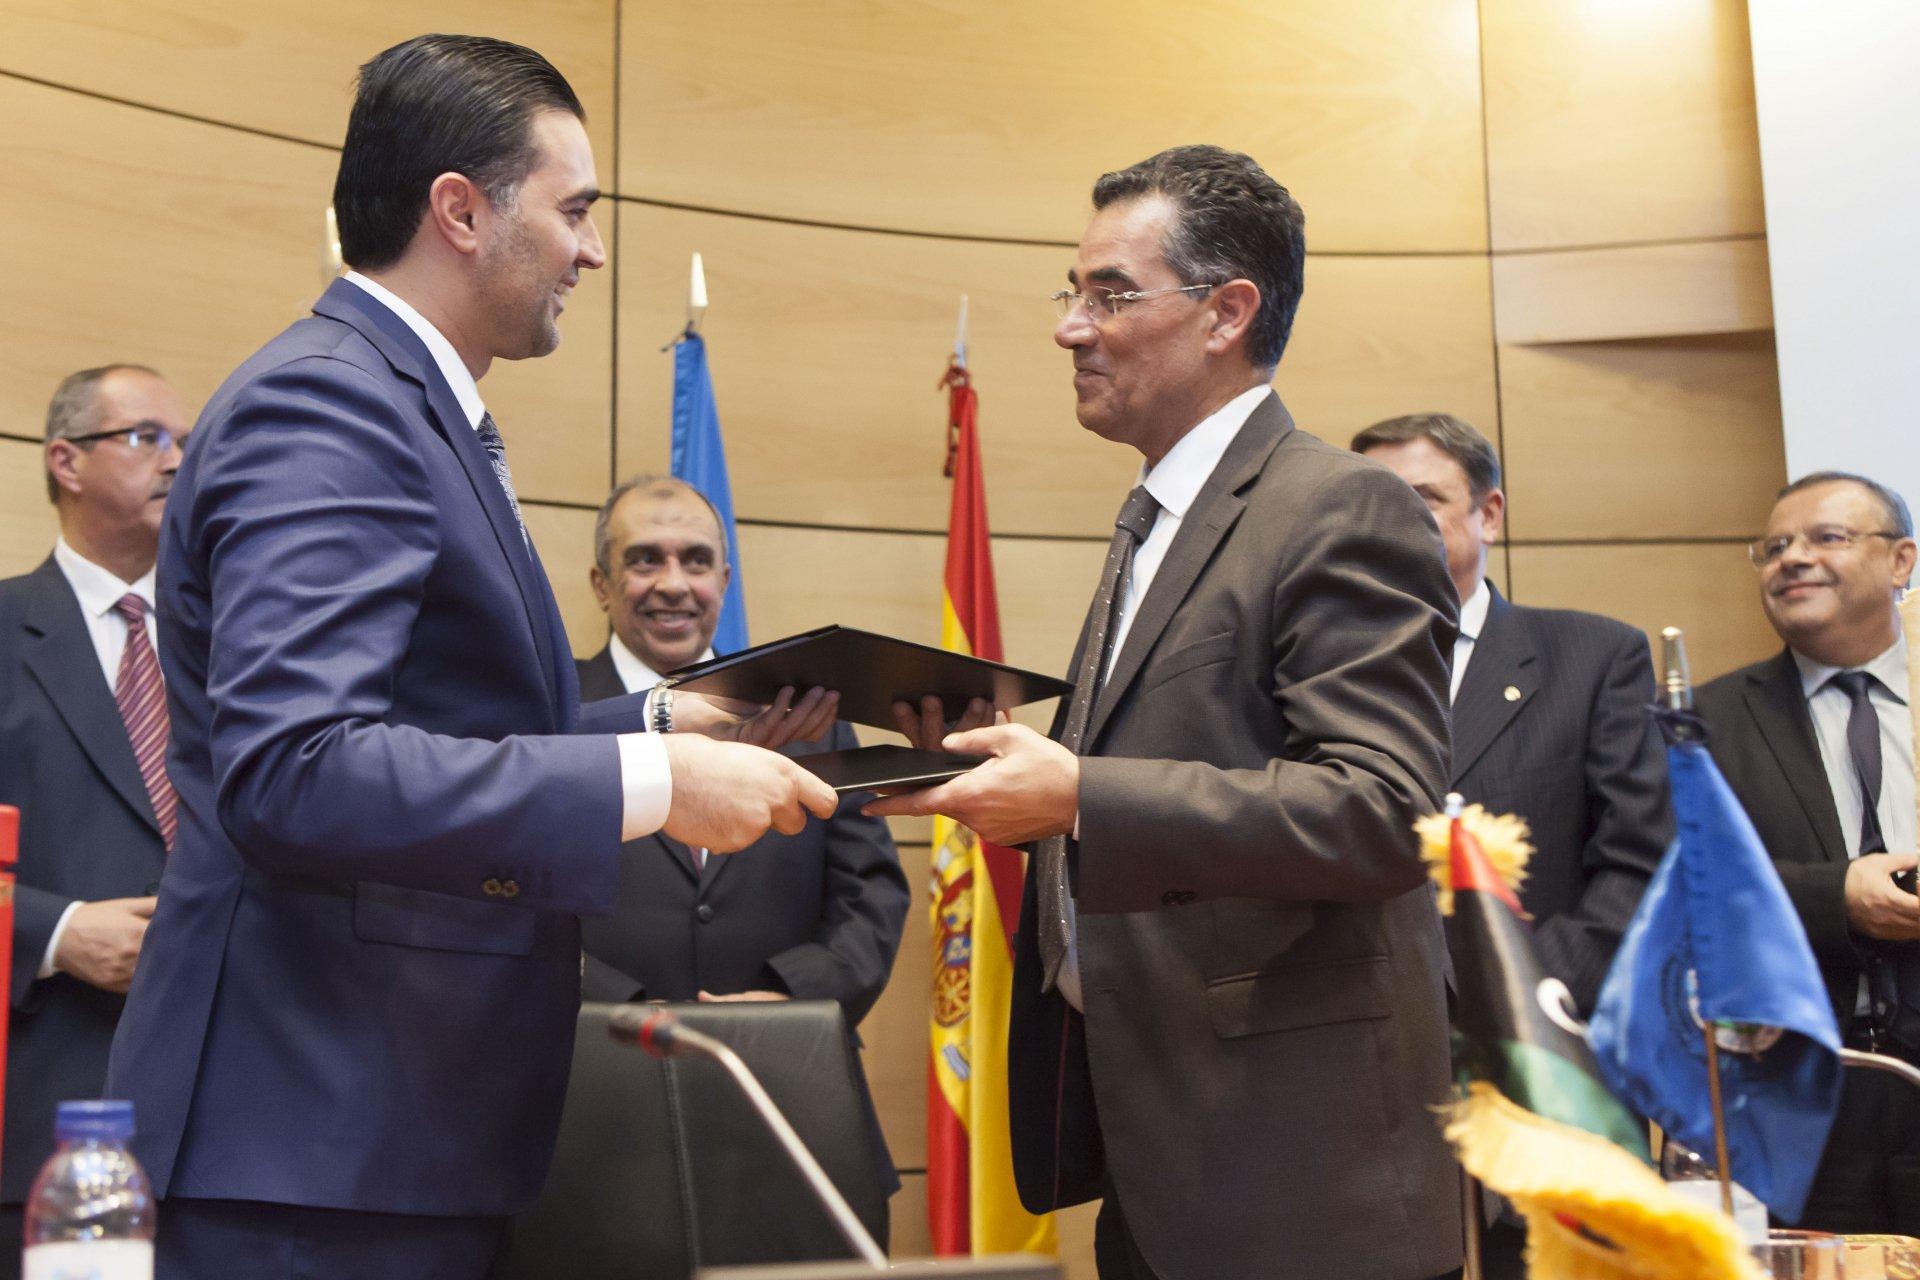 Accordo di collaborazione tra Consiglio oleicolo internazionale e Libia